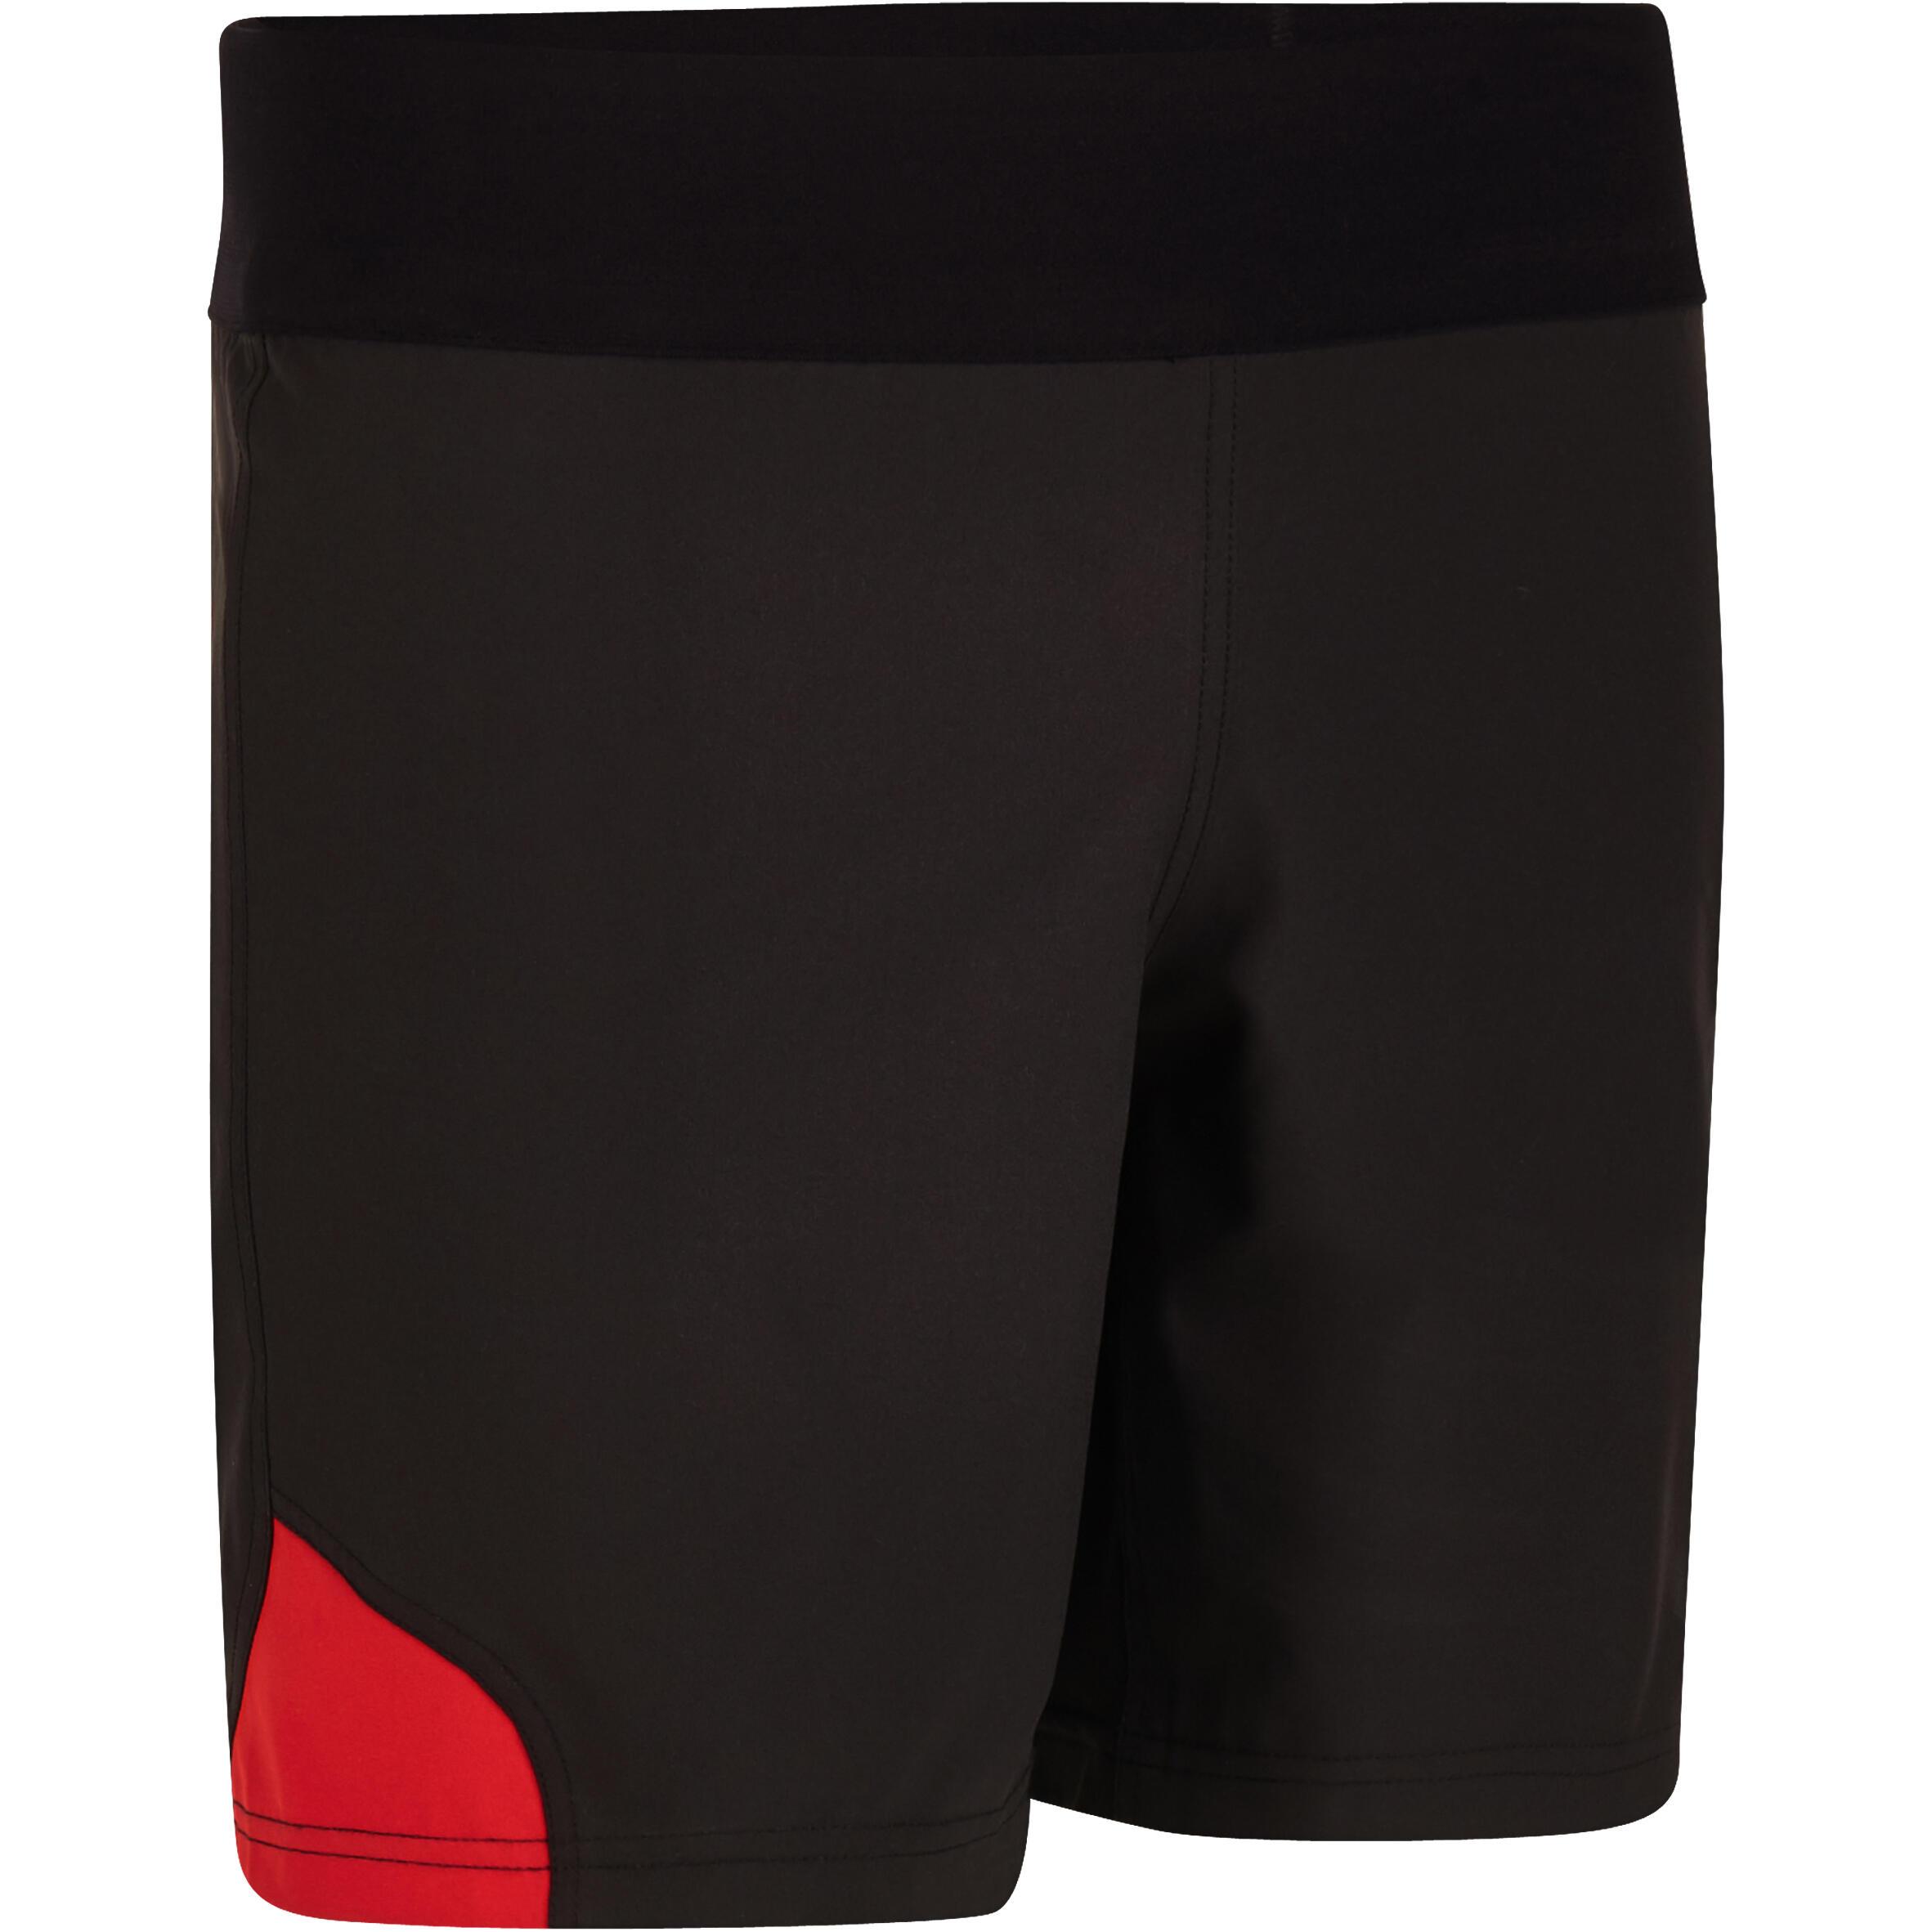 Kipsta Rugbyshort volwassenen Full H 500 zwart/rood